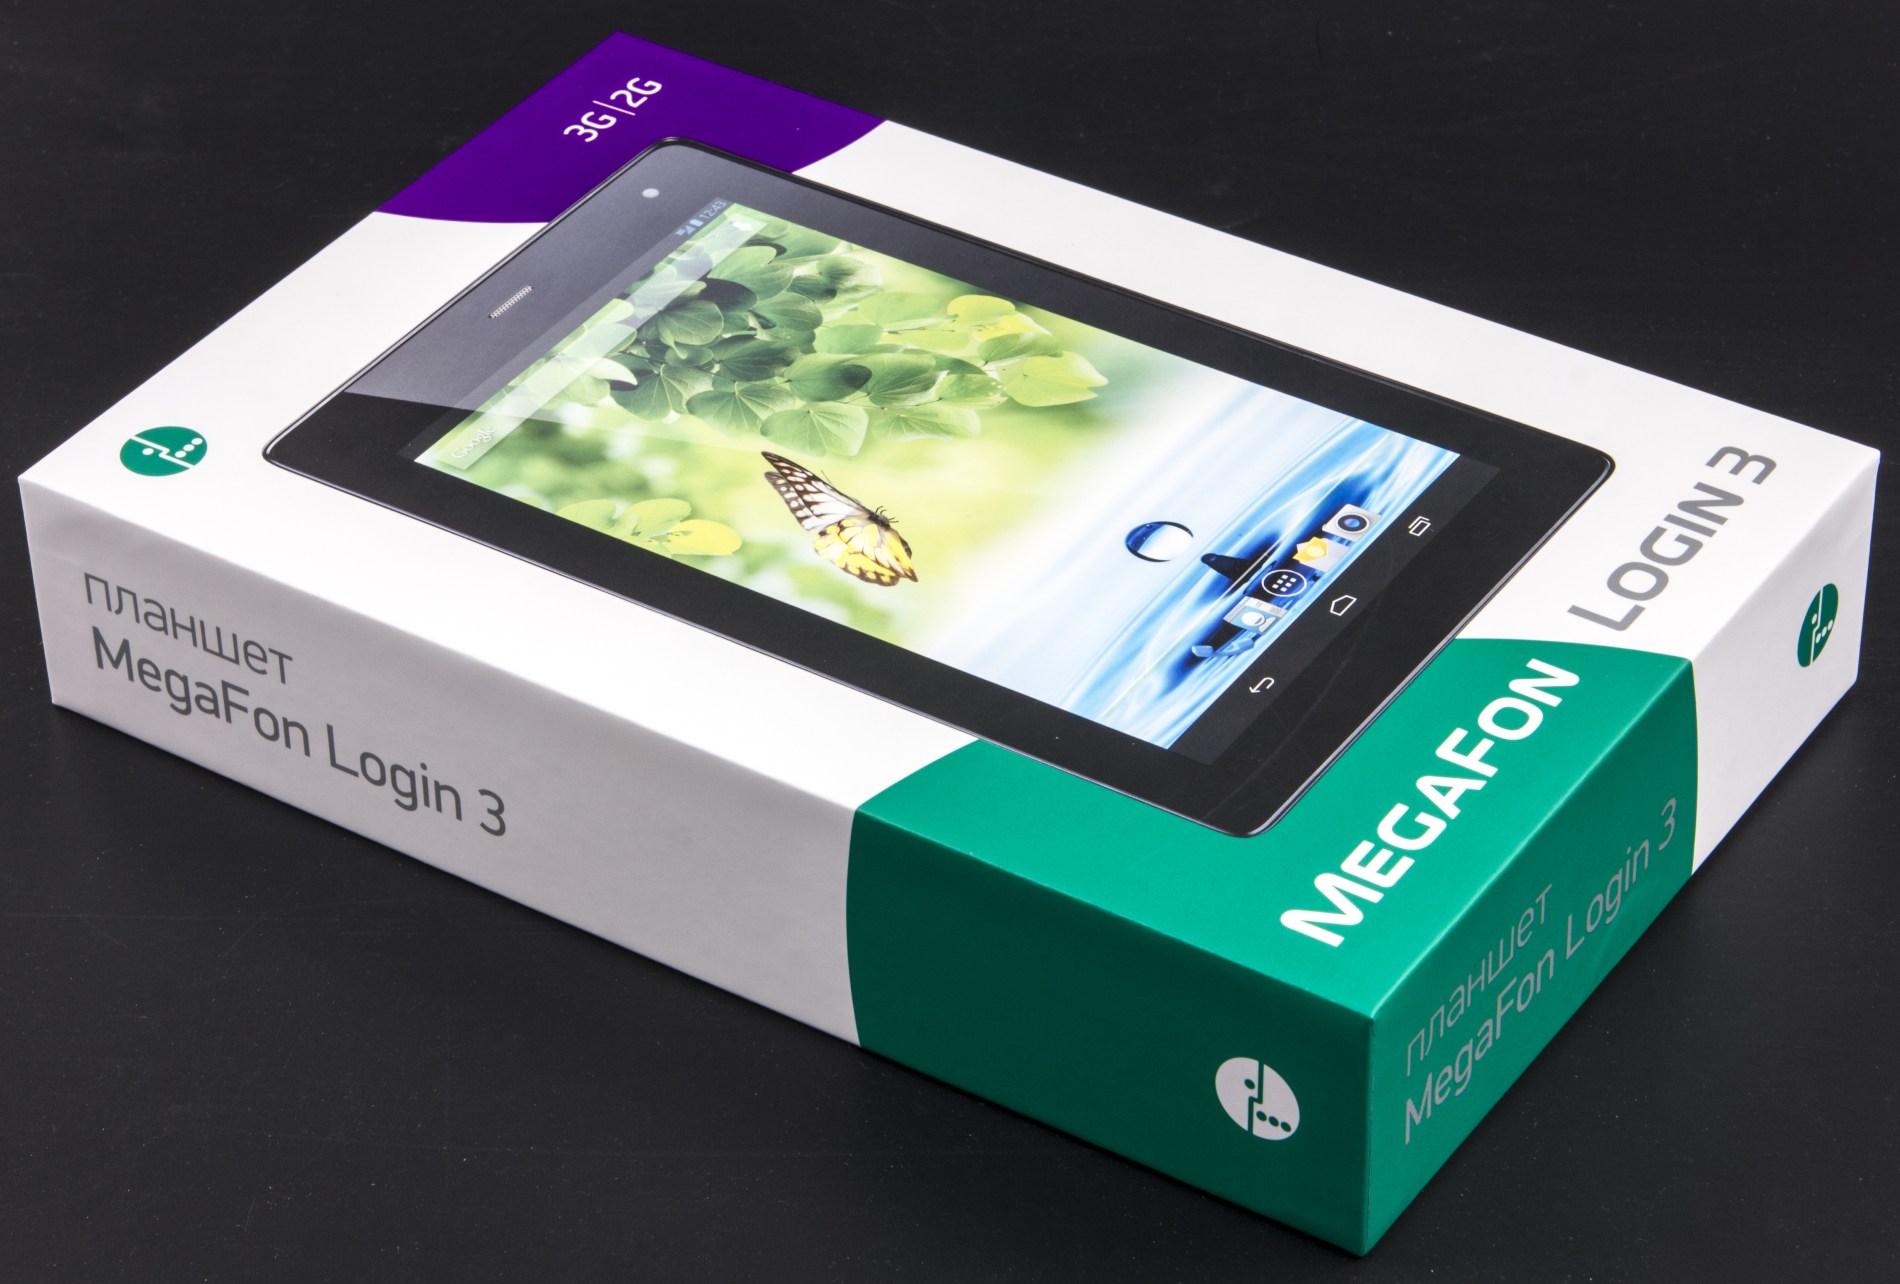 Прошивка на планшет мегафон login 3 скачать